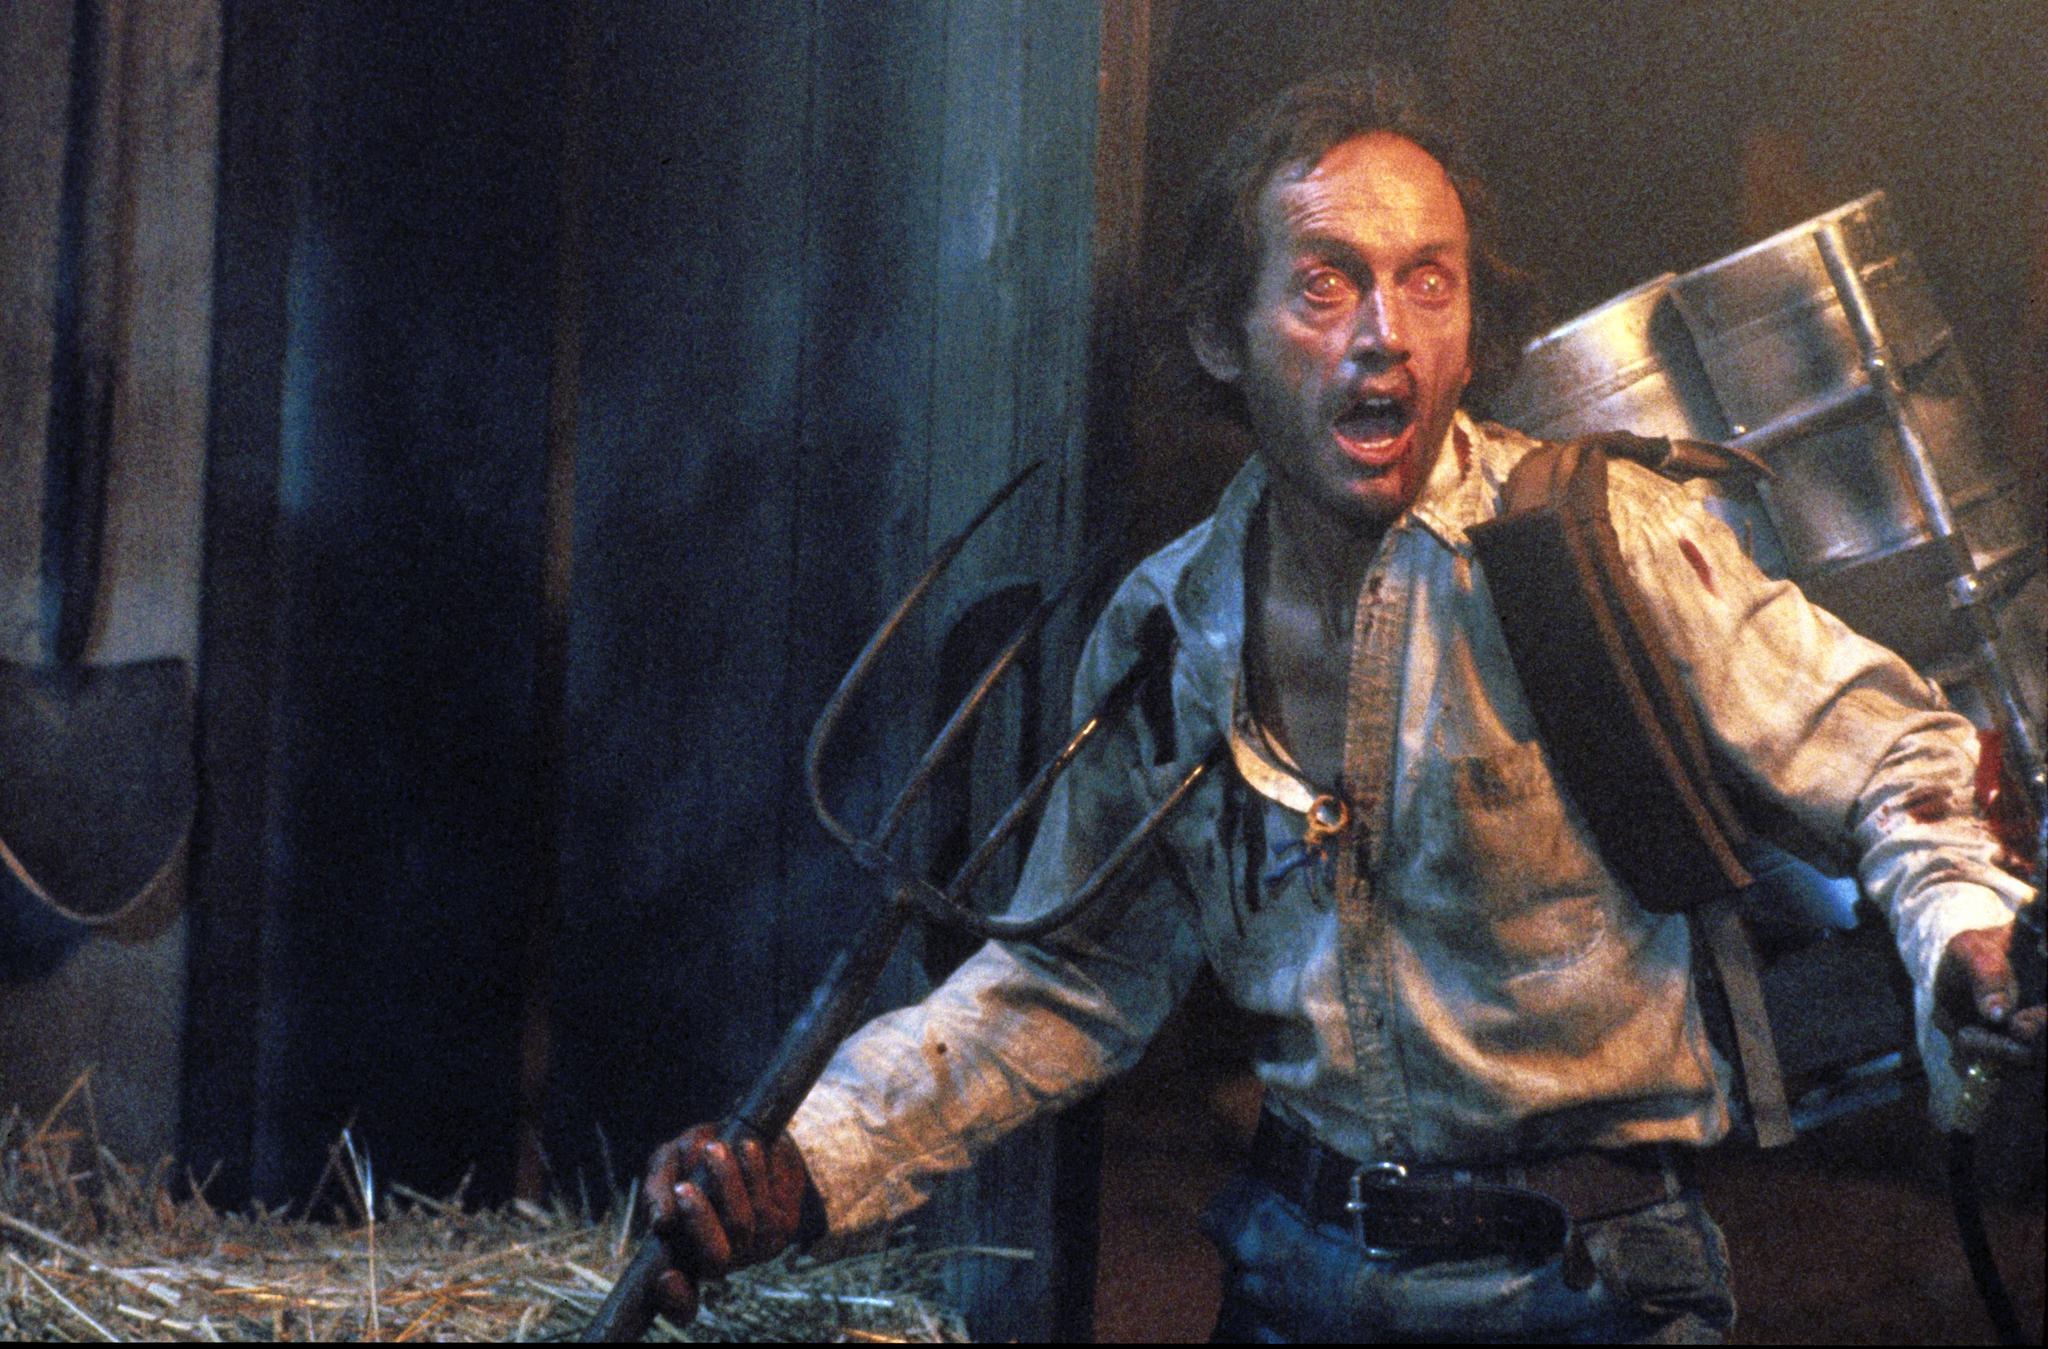 Lance Henriksen in Pumpkinhead (1988)